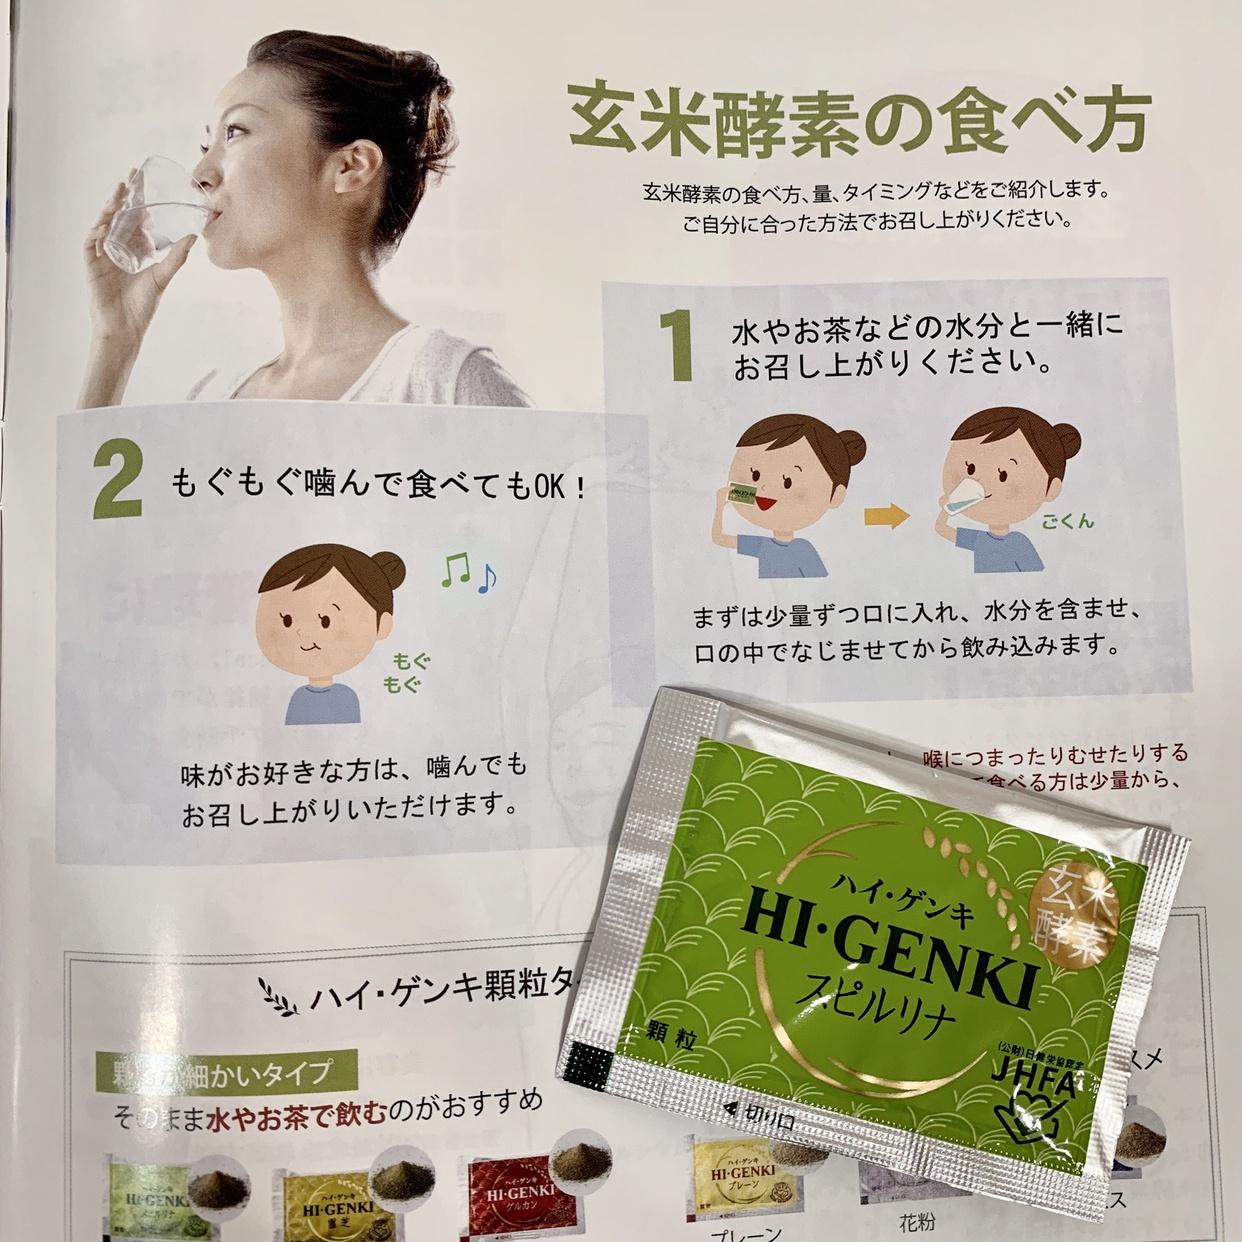 玄米酵素 ハイ・ゲンキ スピルリナ入りを使ったうりむー姉さんさんのクチコミ画像2